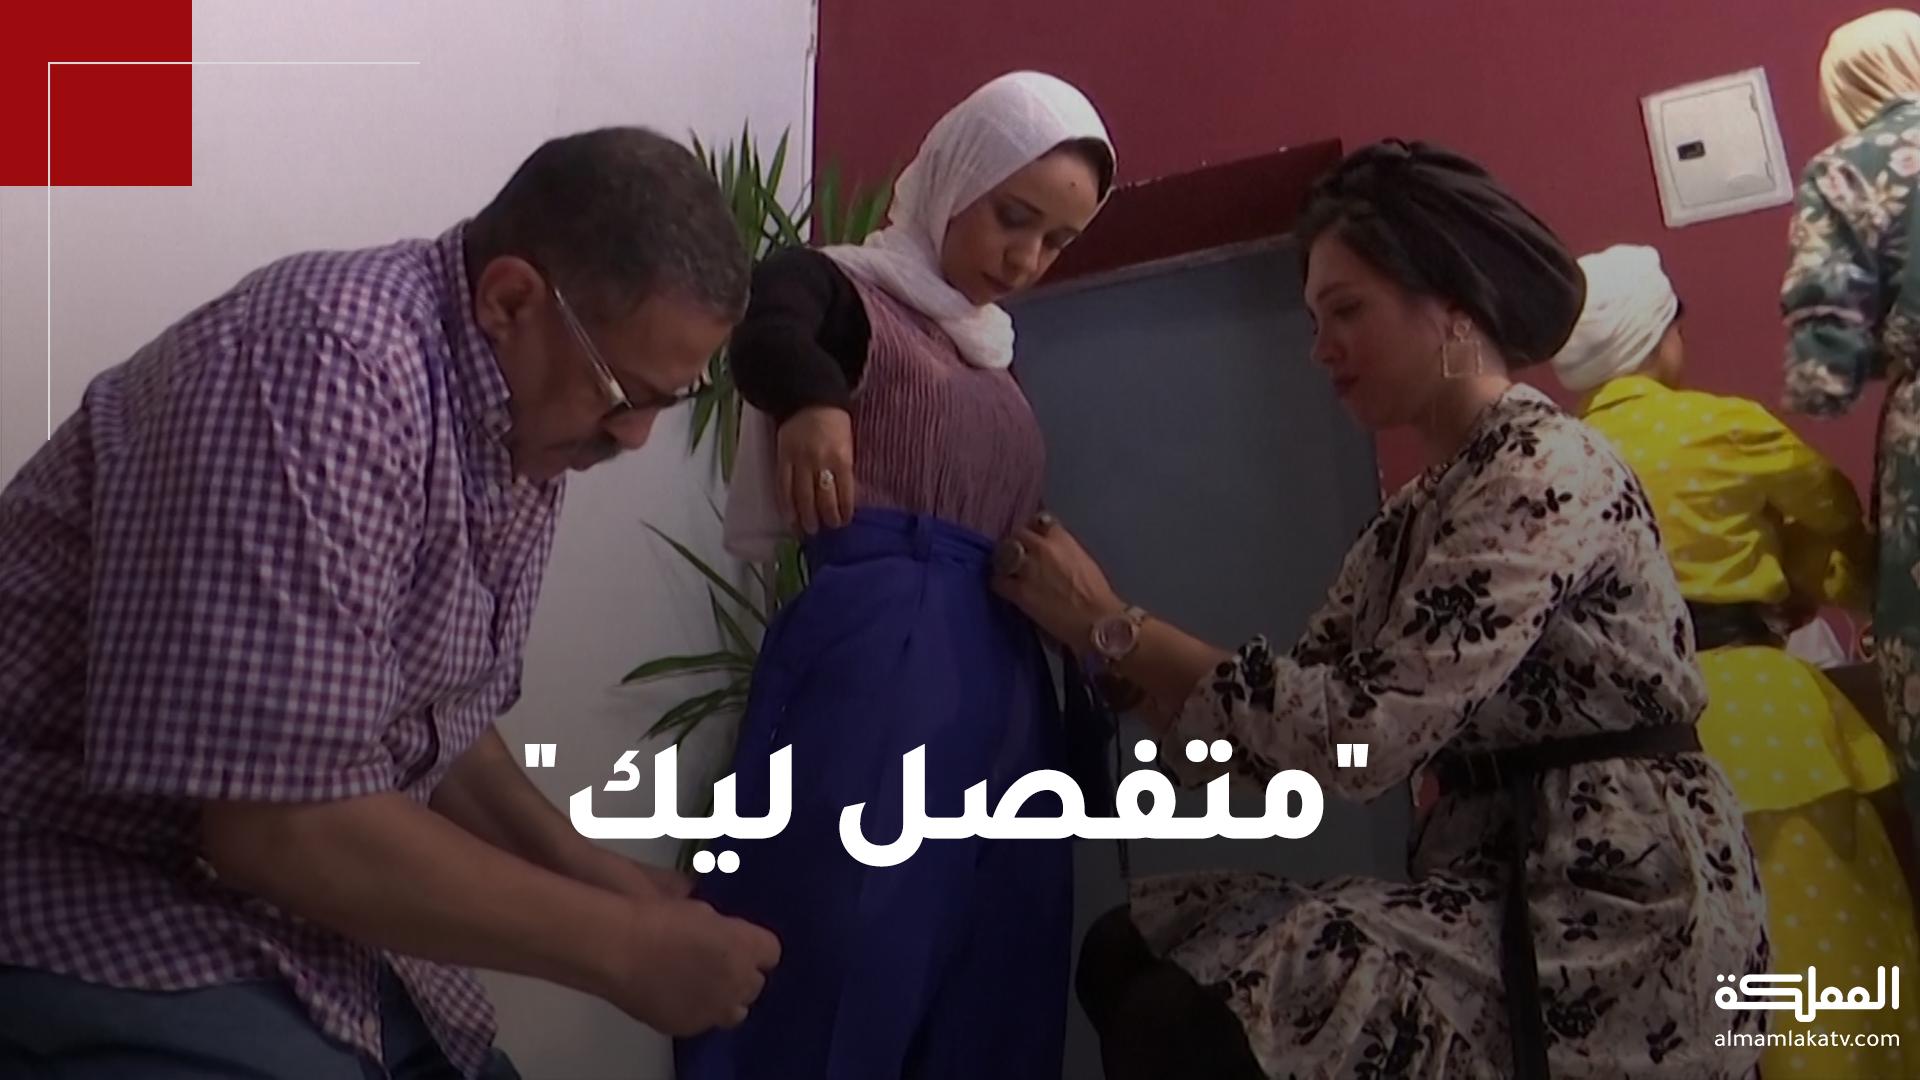 مصممة أزياء مصرية تطلق خط إنتاج خاص بذوي الاحتياجات الخاصة